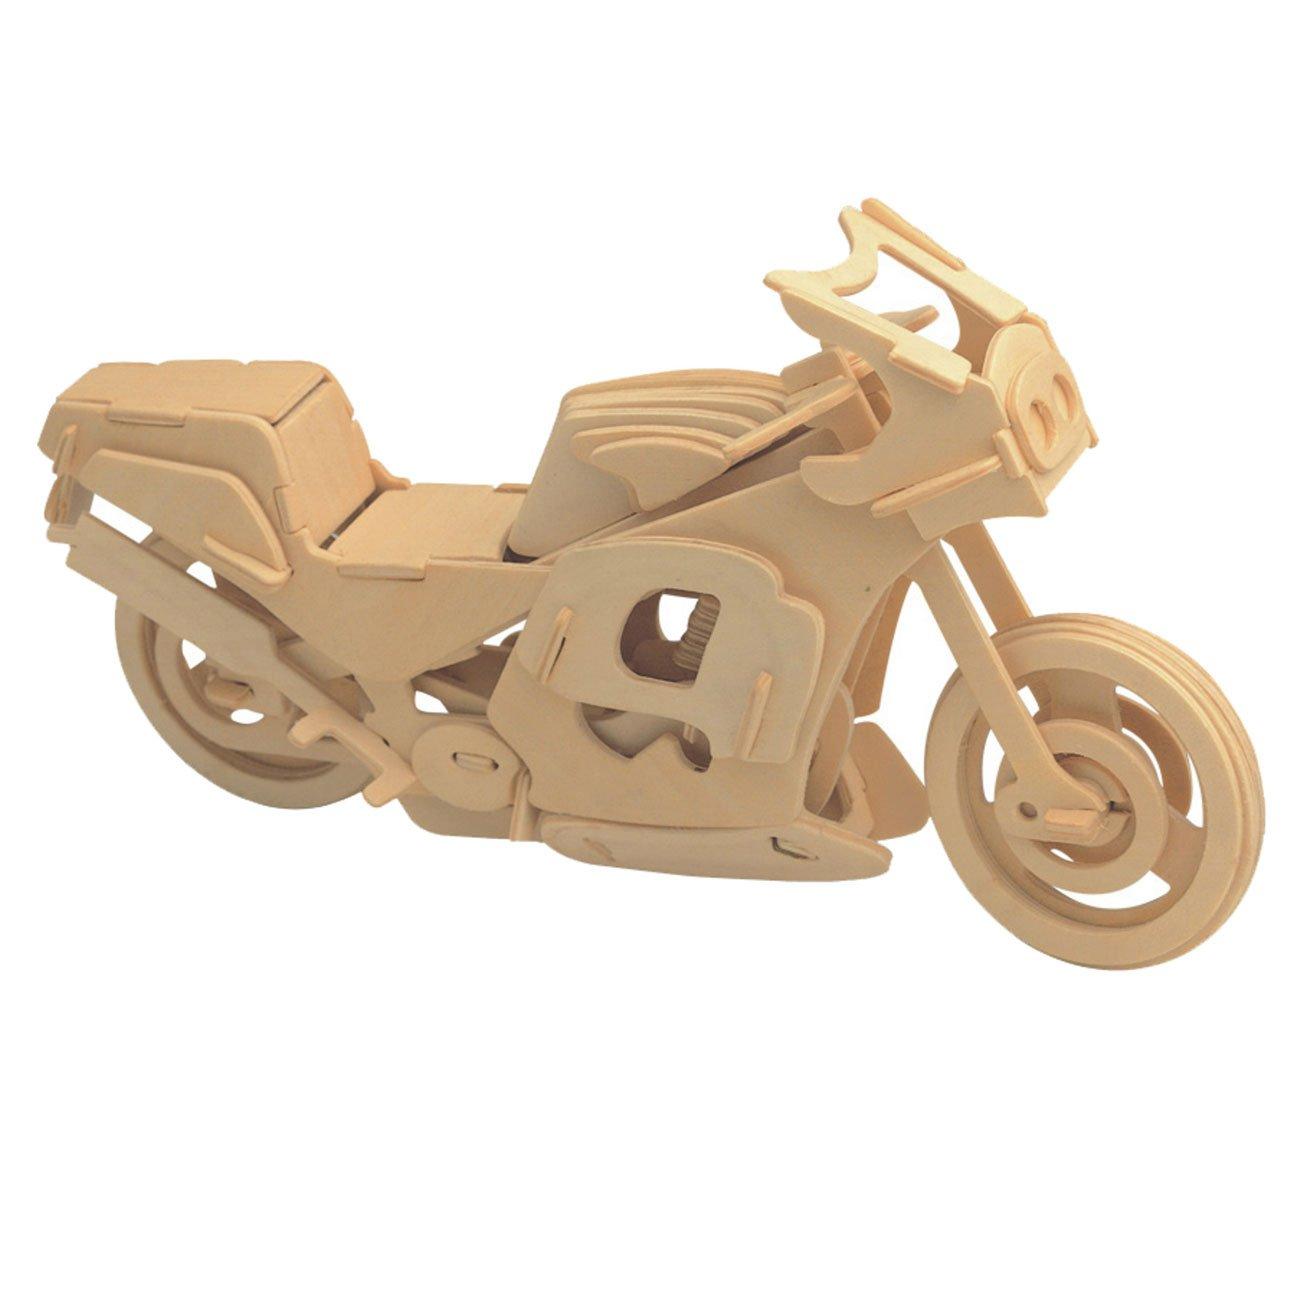 品質のいい MIFX ウッドクラフト 組み立てキット 子供へのギフト カラーデザイン 教育 M-9 DIY 3D おもちゃ 教育 3D 木製 ジグソーパズル 組み立て ハンドメイド木製モデル M-9 レーシング-バイク B077M4JPPK, キッチンマートつれづれ:2c034615 --- a0267596.xsph.ru